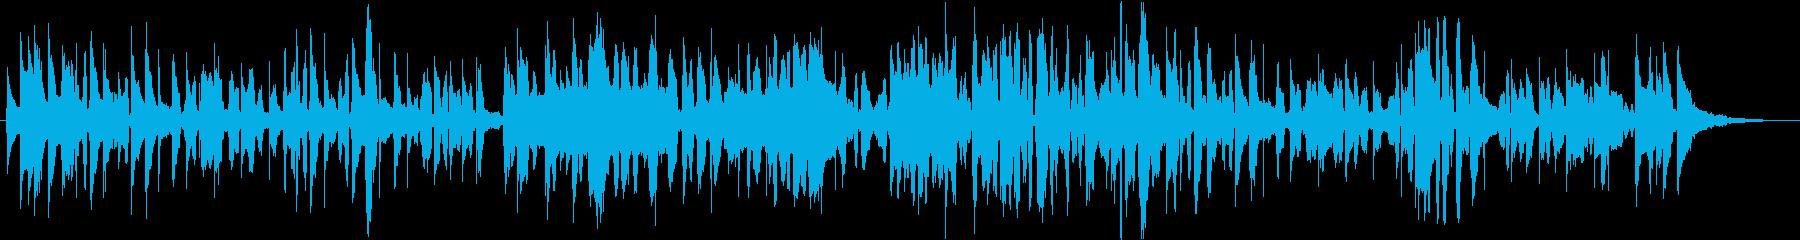 トマトをテーマにした楽曲の再生済みの波形